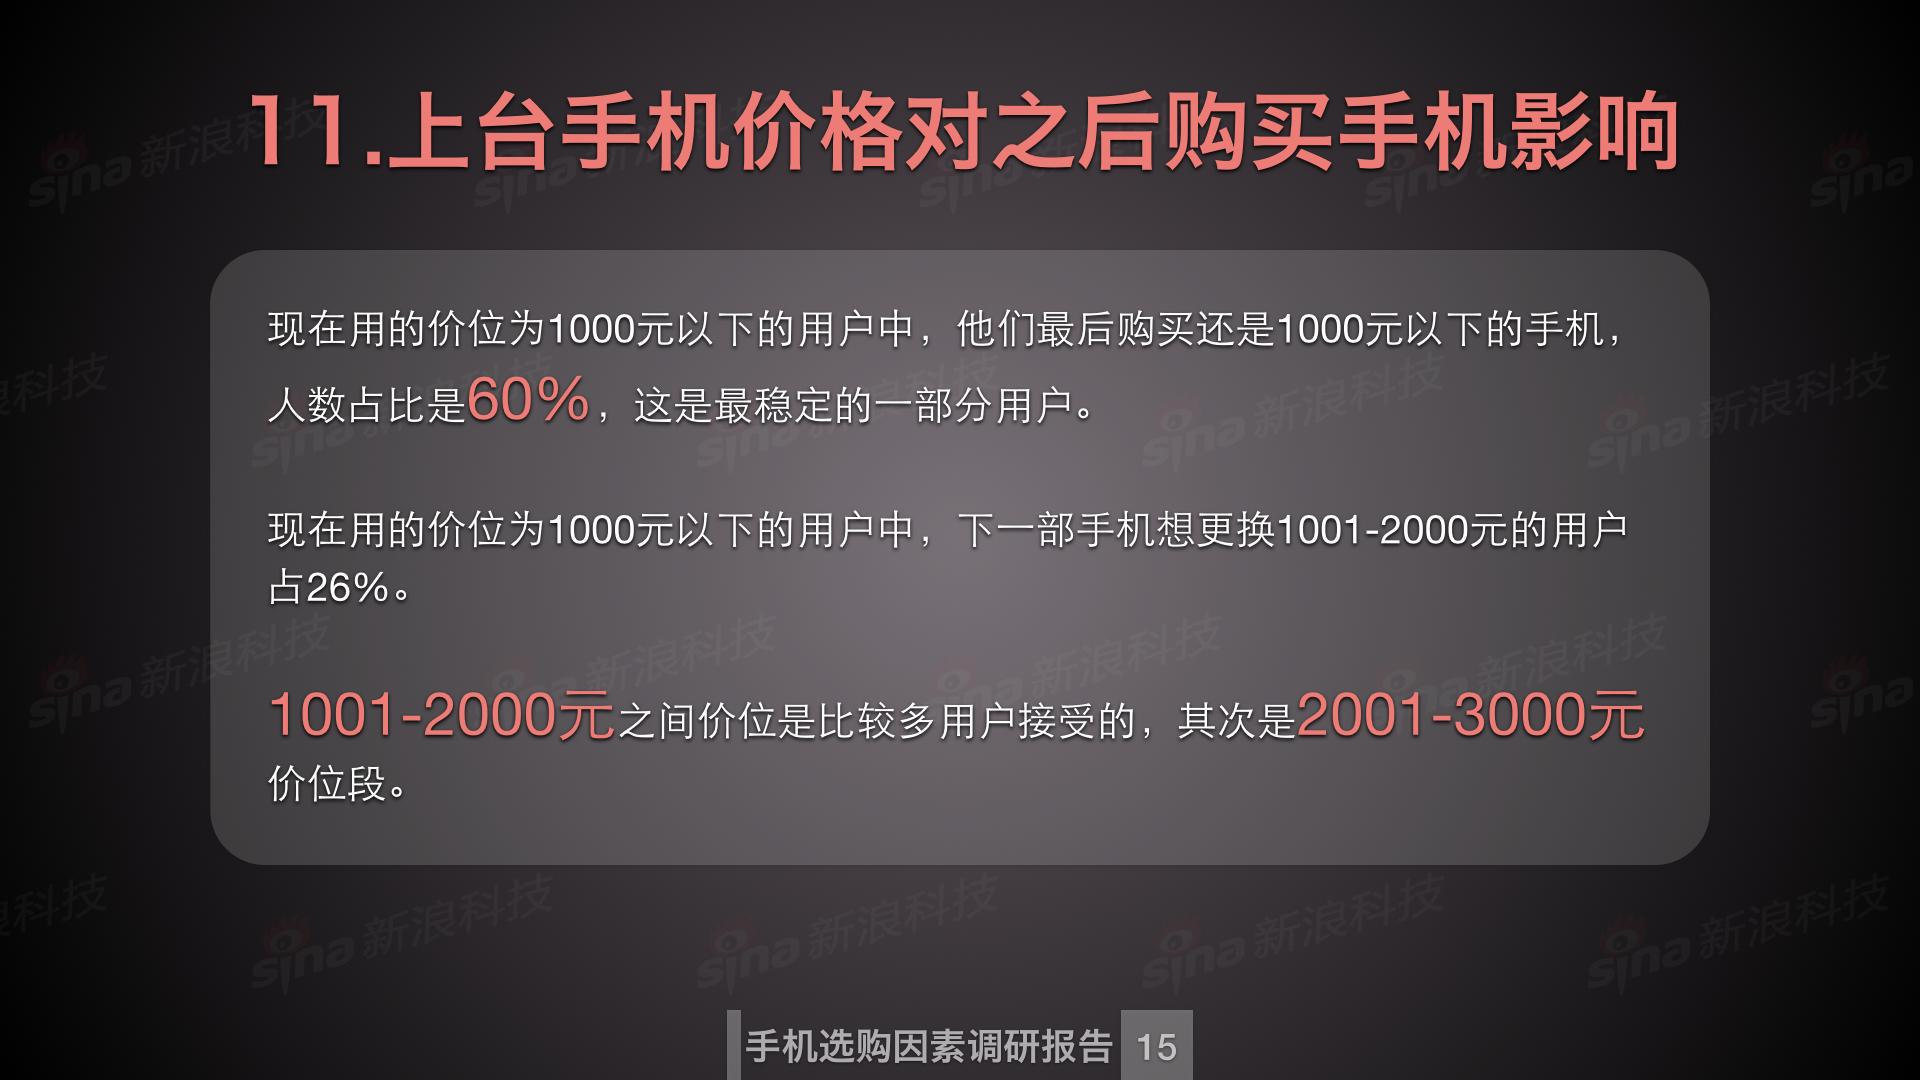 新浪科技数据中心_购买手机因素调研.016